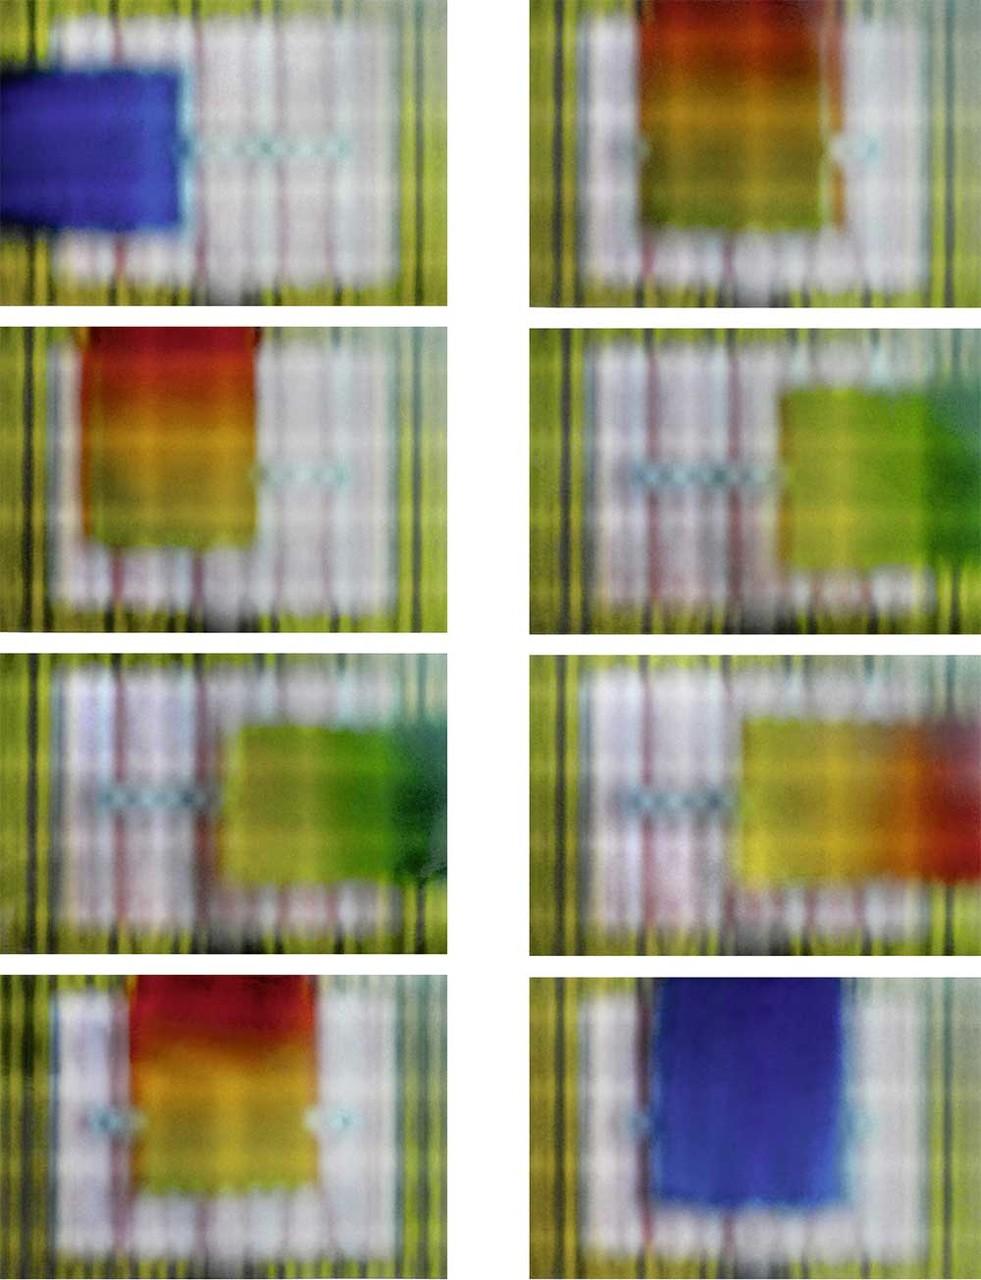 8 Positionen: vorgehangenes Streifengitter, eingeschobene Farbflächen, Schärfe unendlich